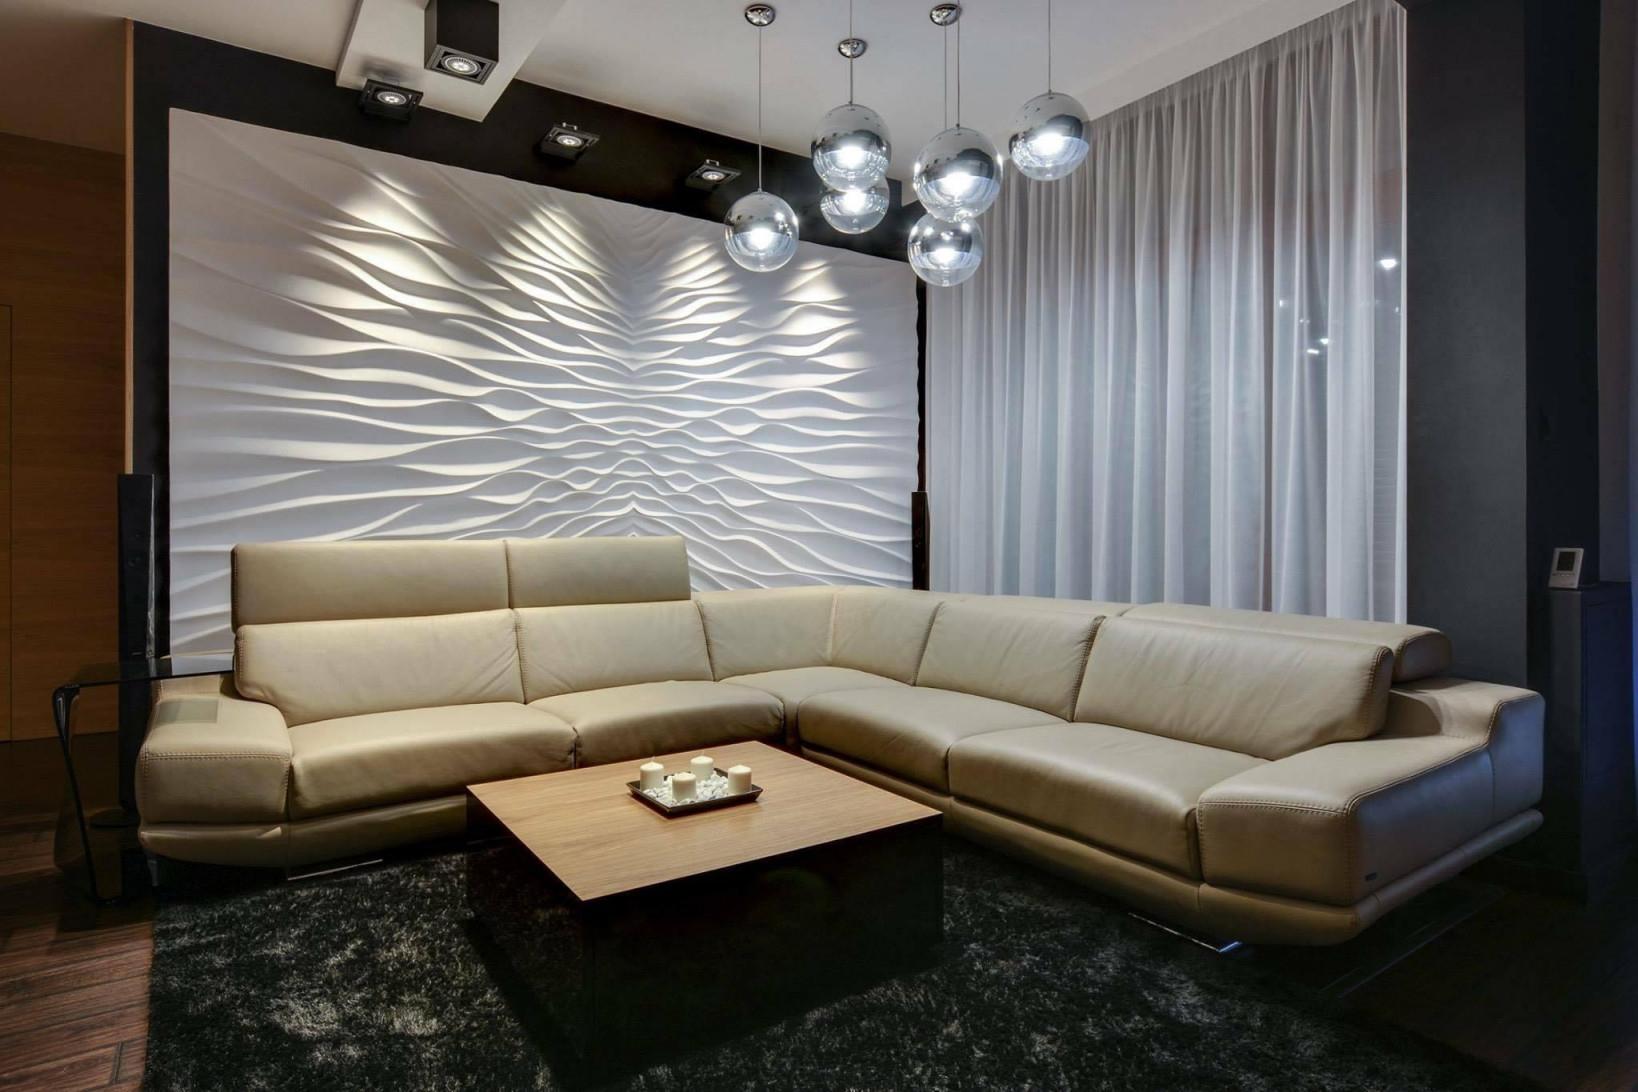 Wohnzimmer Wandgestaltung Die Schönsten Ideen von Wohnzimmer Wände Gestalten Photo